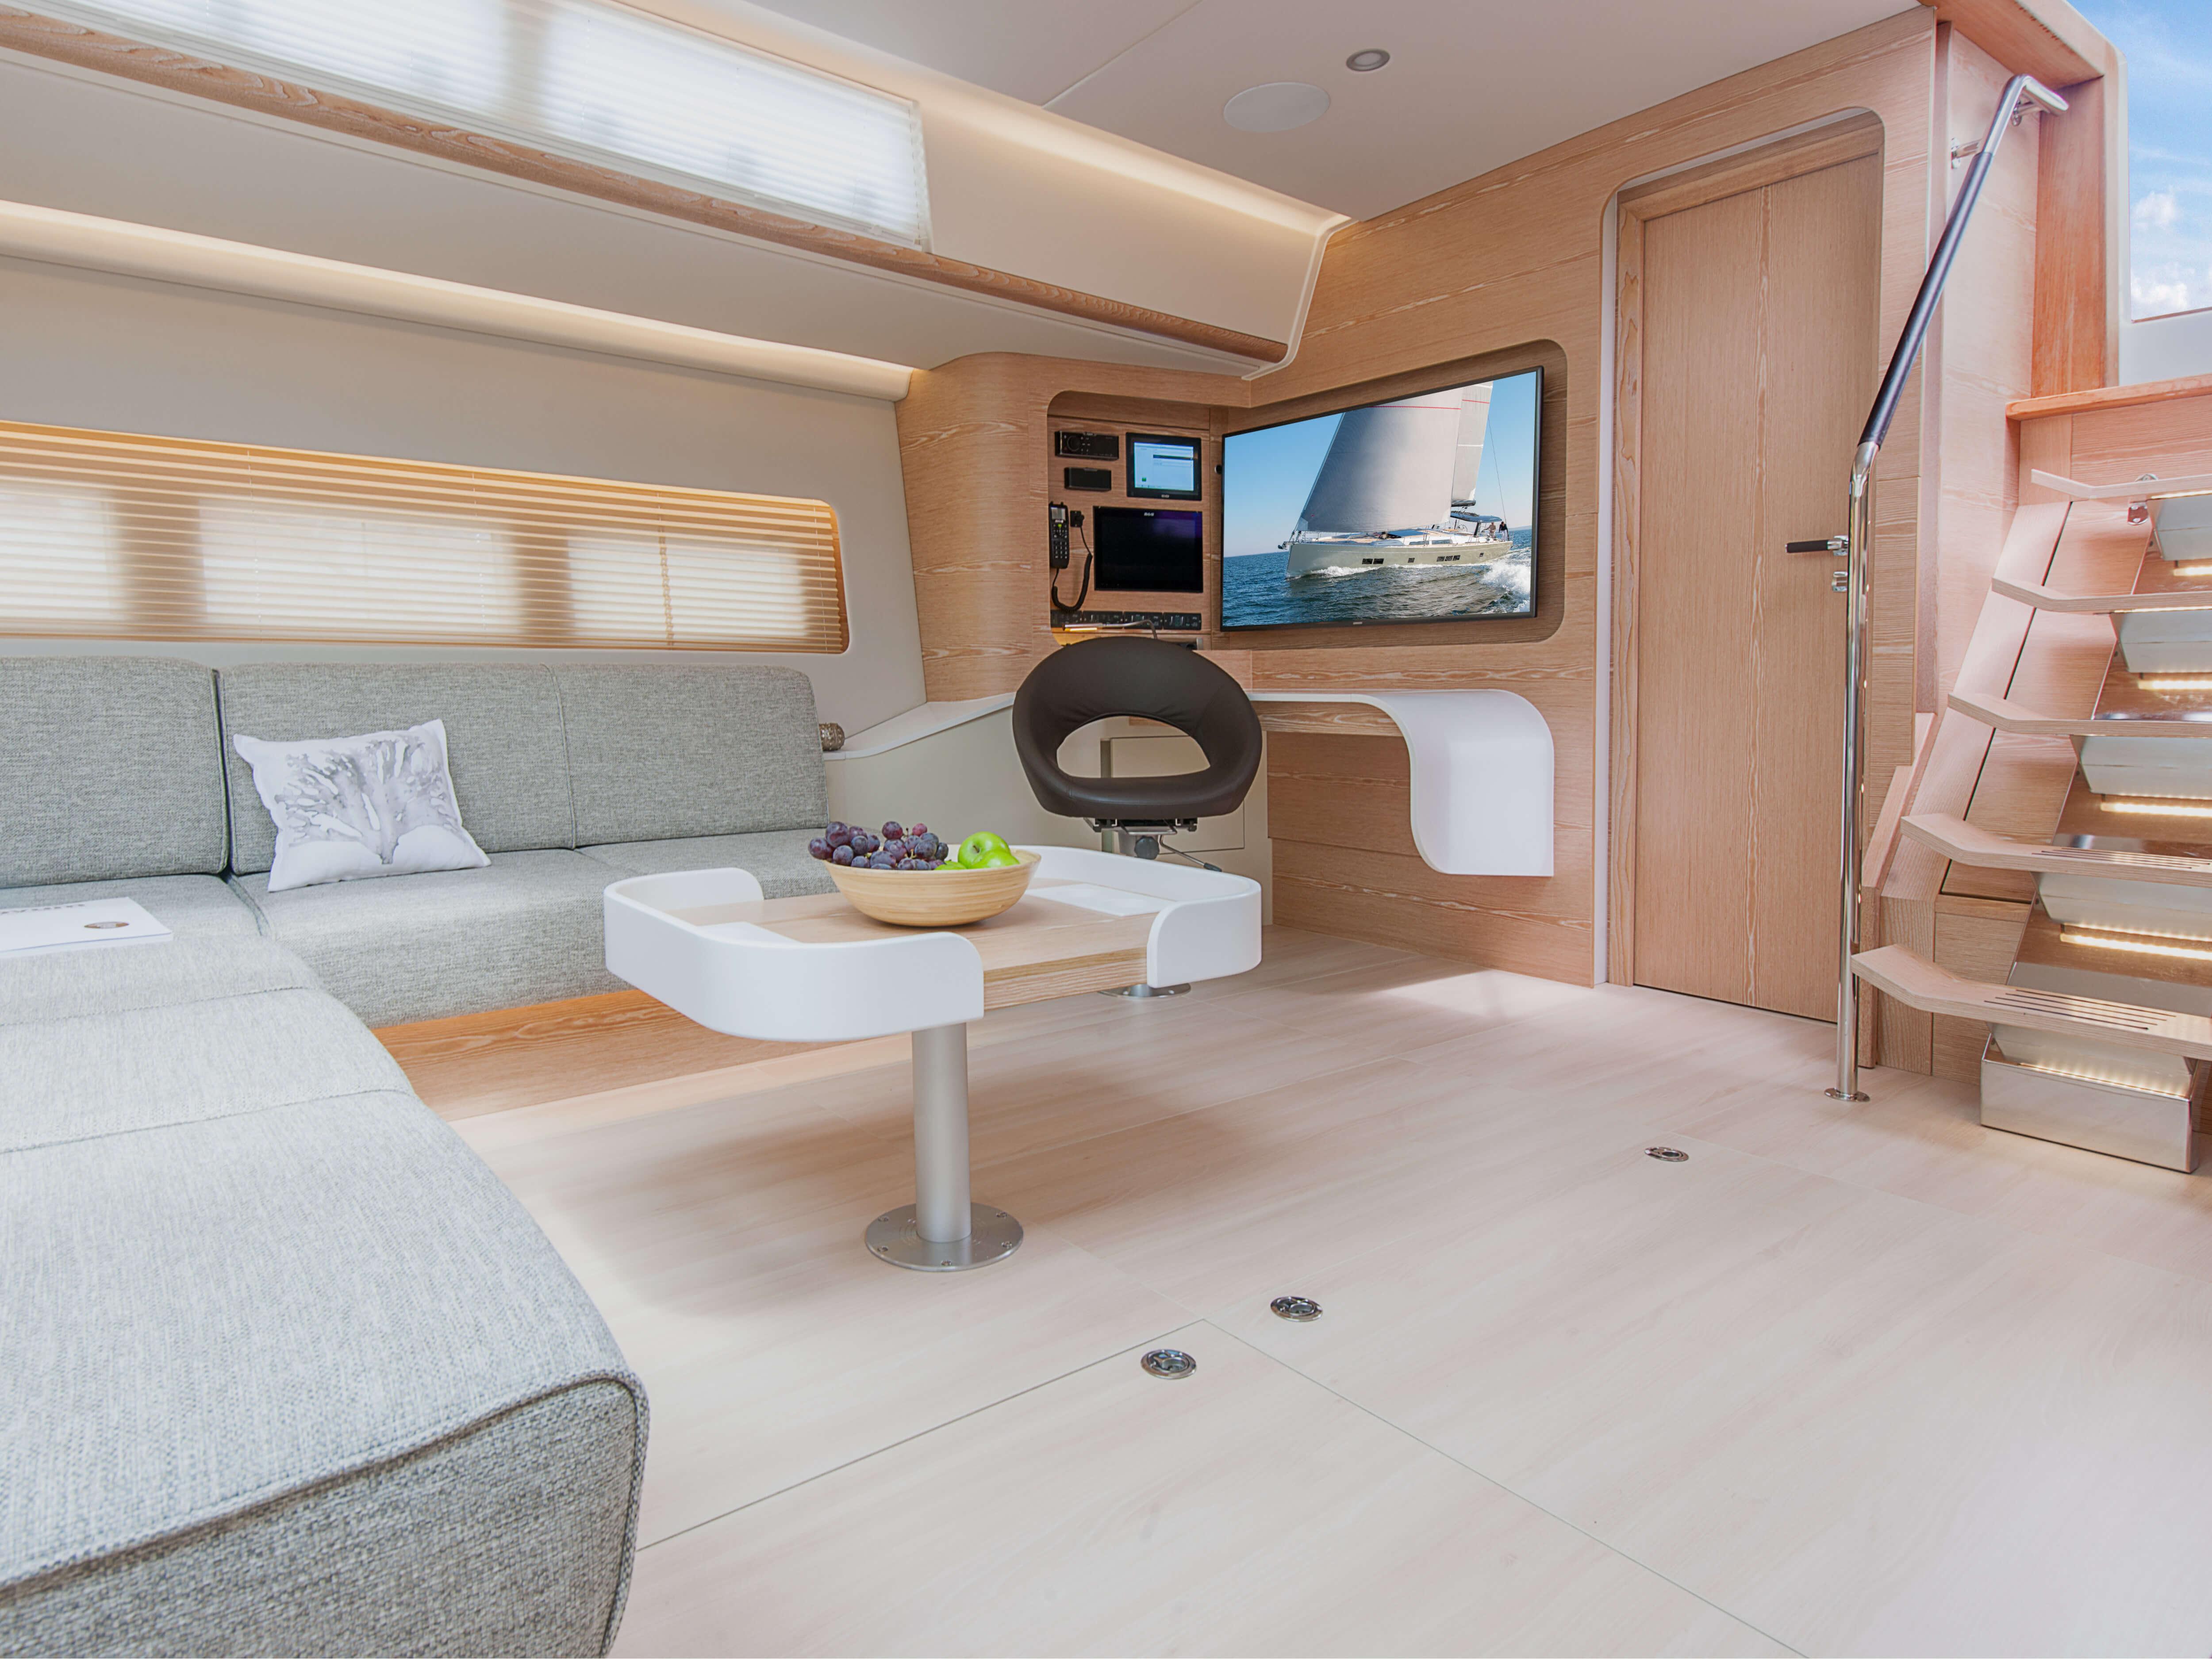 Hanse 675 | Благодаря различным комбинациям планировок и большому выбору комбинируемых опций - с высококачественной обивкой мебели, древесиной, актуальными расцветками мебели и пола - вы можете сделать вашу яхту уникальной, единственной в своем роде. | Hanse